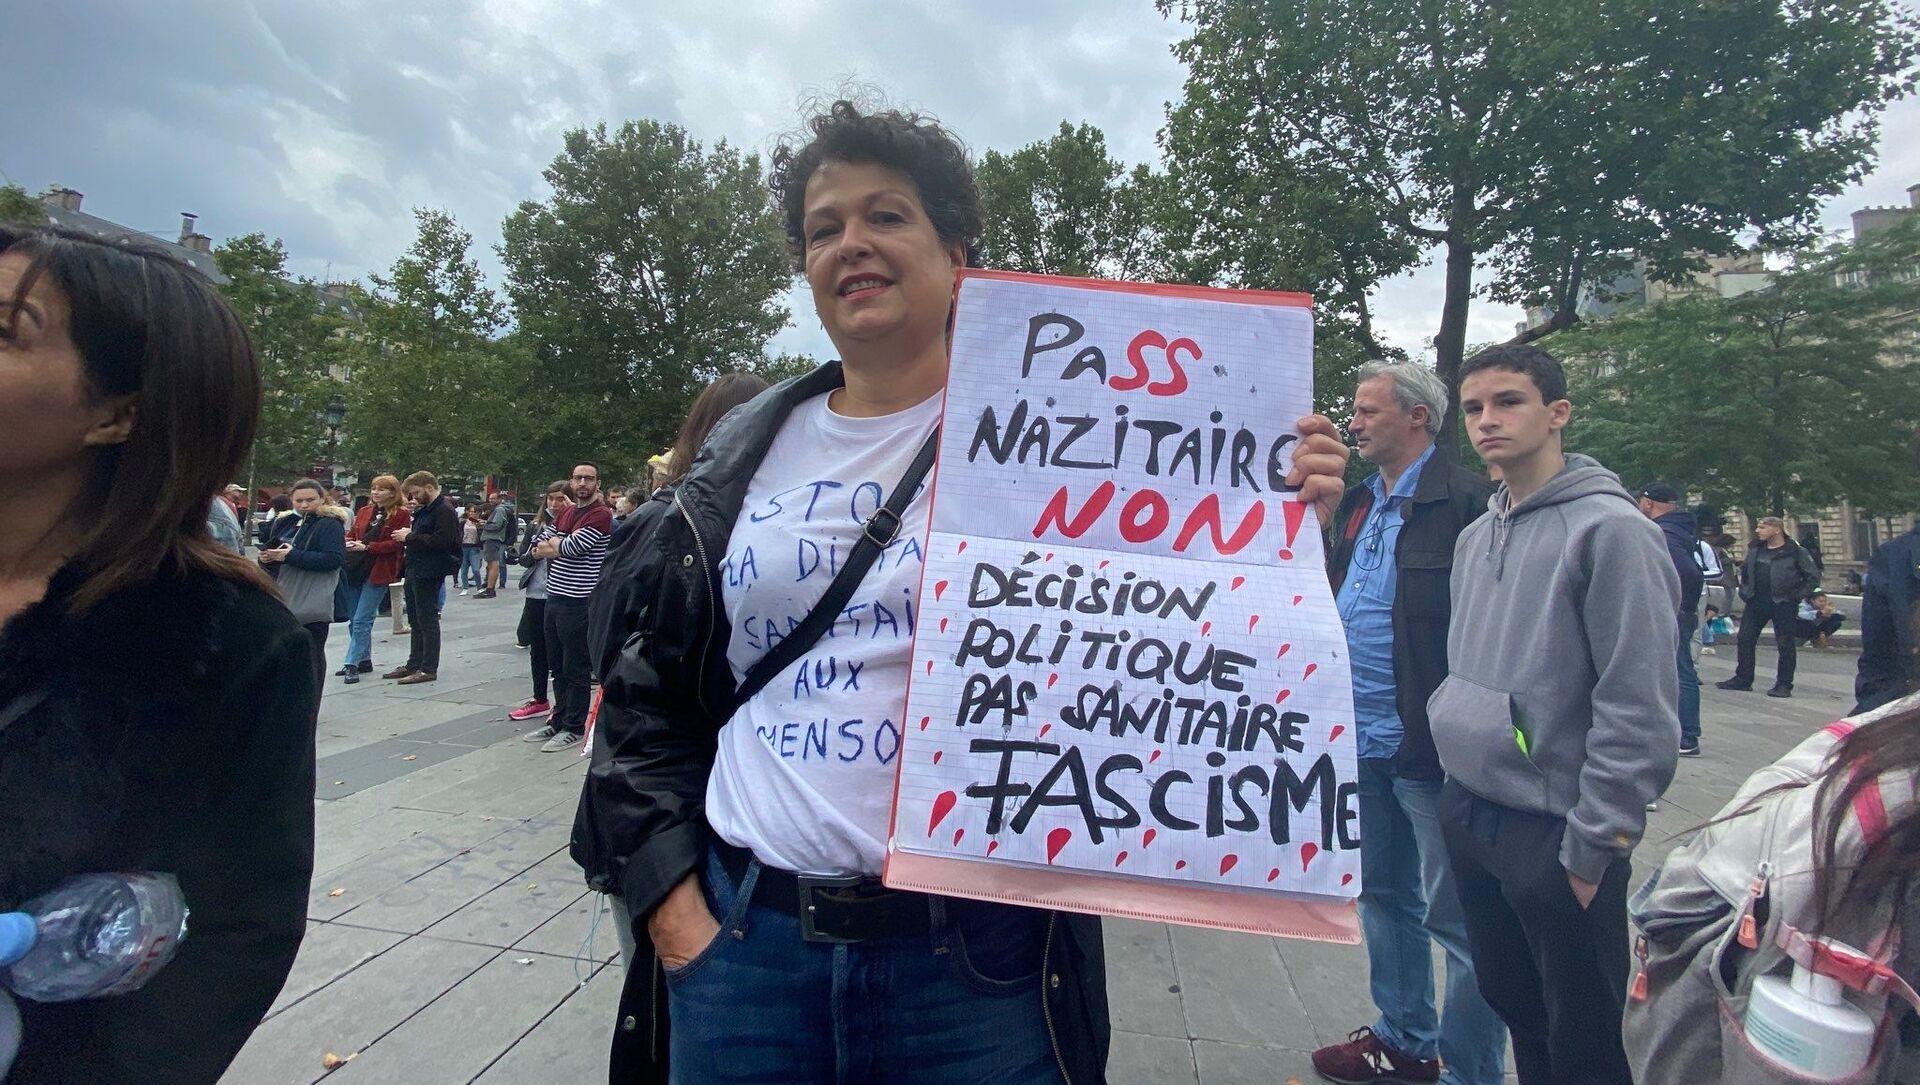 Manifestation non déclarée contre le pass sanitaire, Paris, le 14 juillet 2021 - Sputnik France, 1920, 19.07.2021